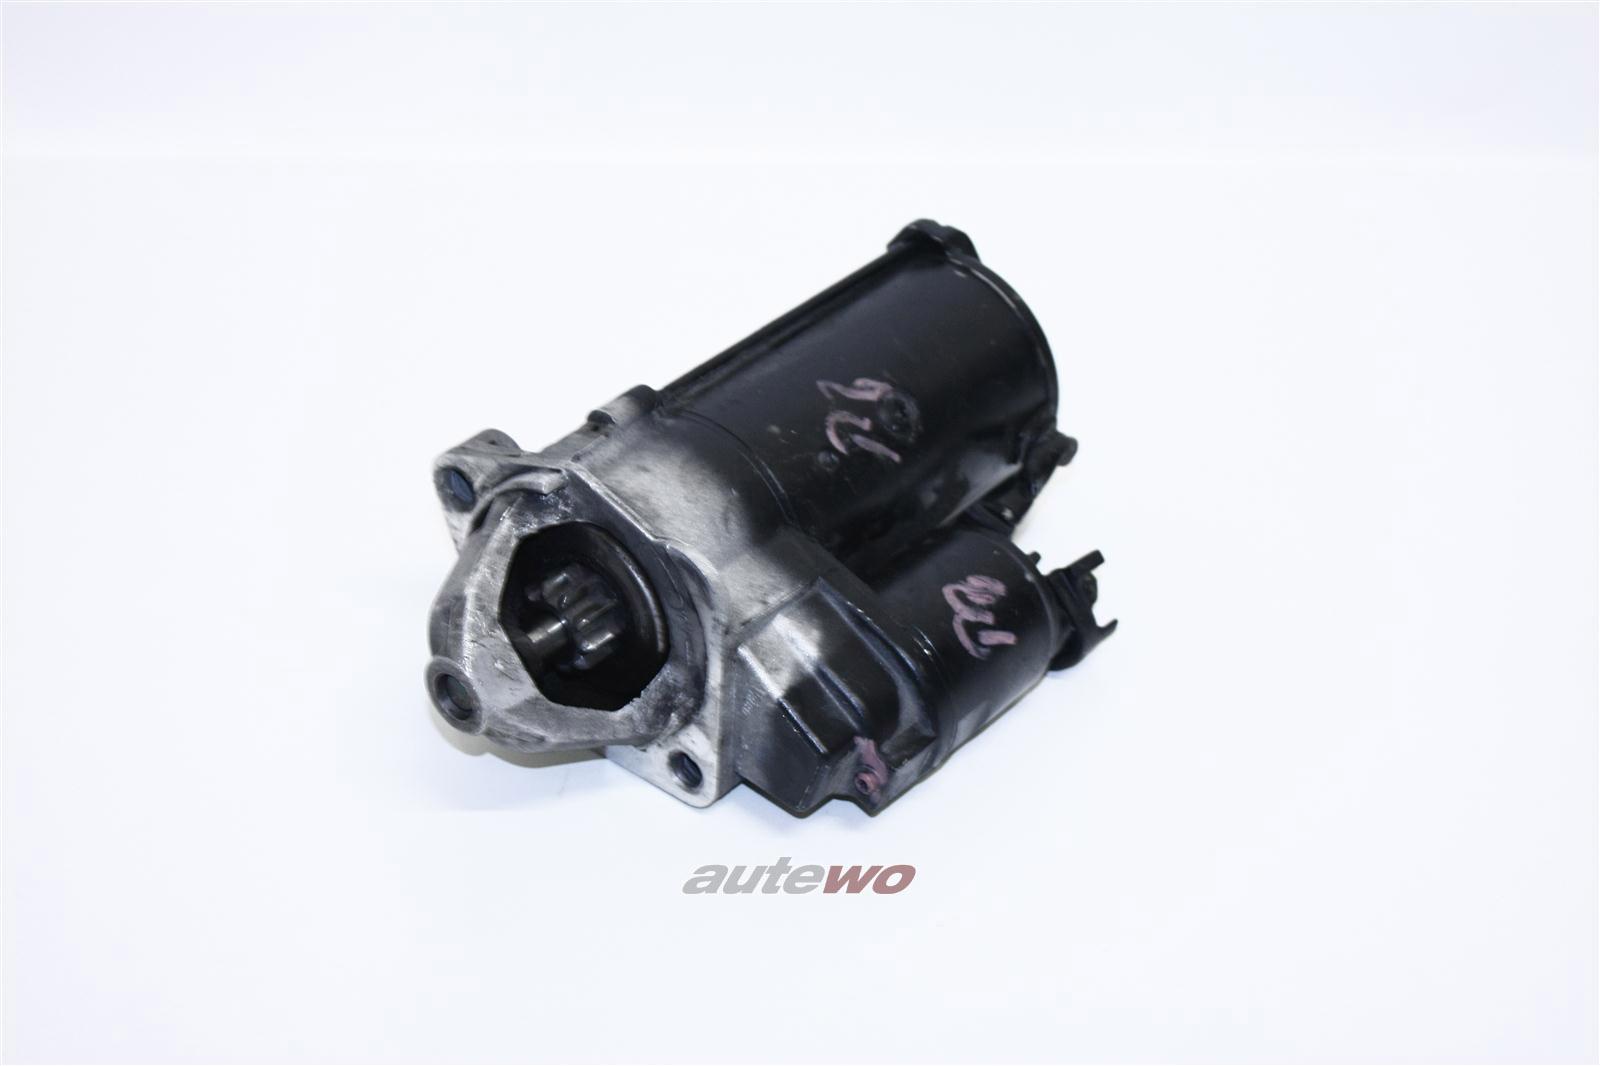 Audi/VW 80 B4/A4/A6 1.9l TDI Anlasser Starter 068911024G/068911024F 068911024E